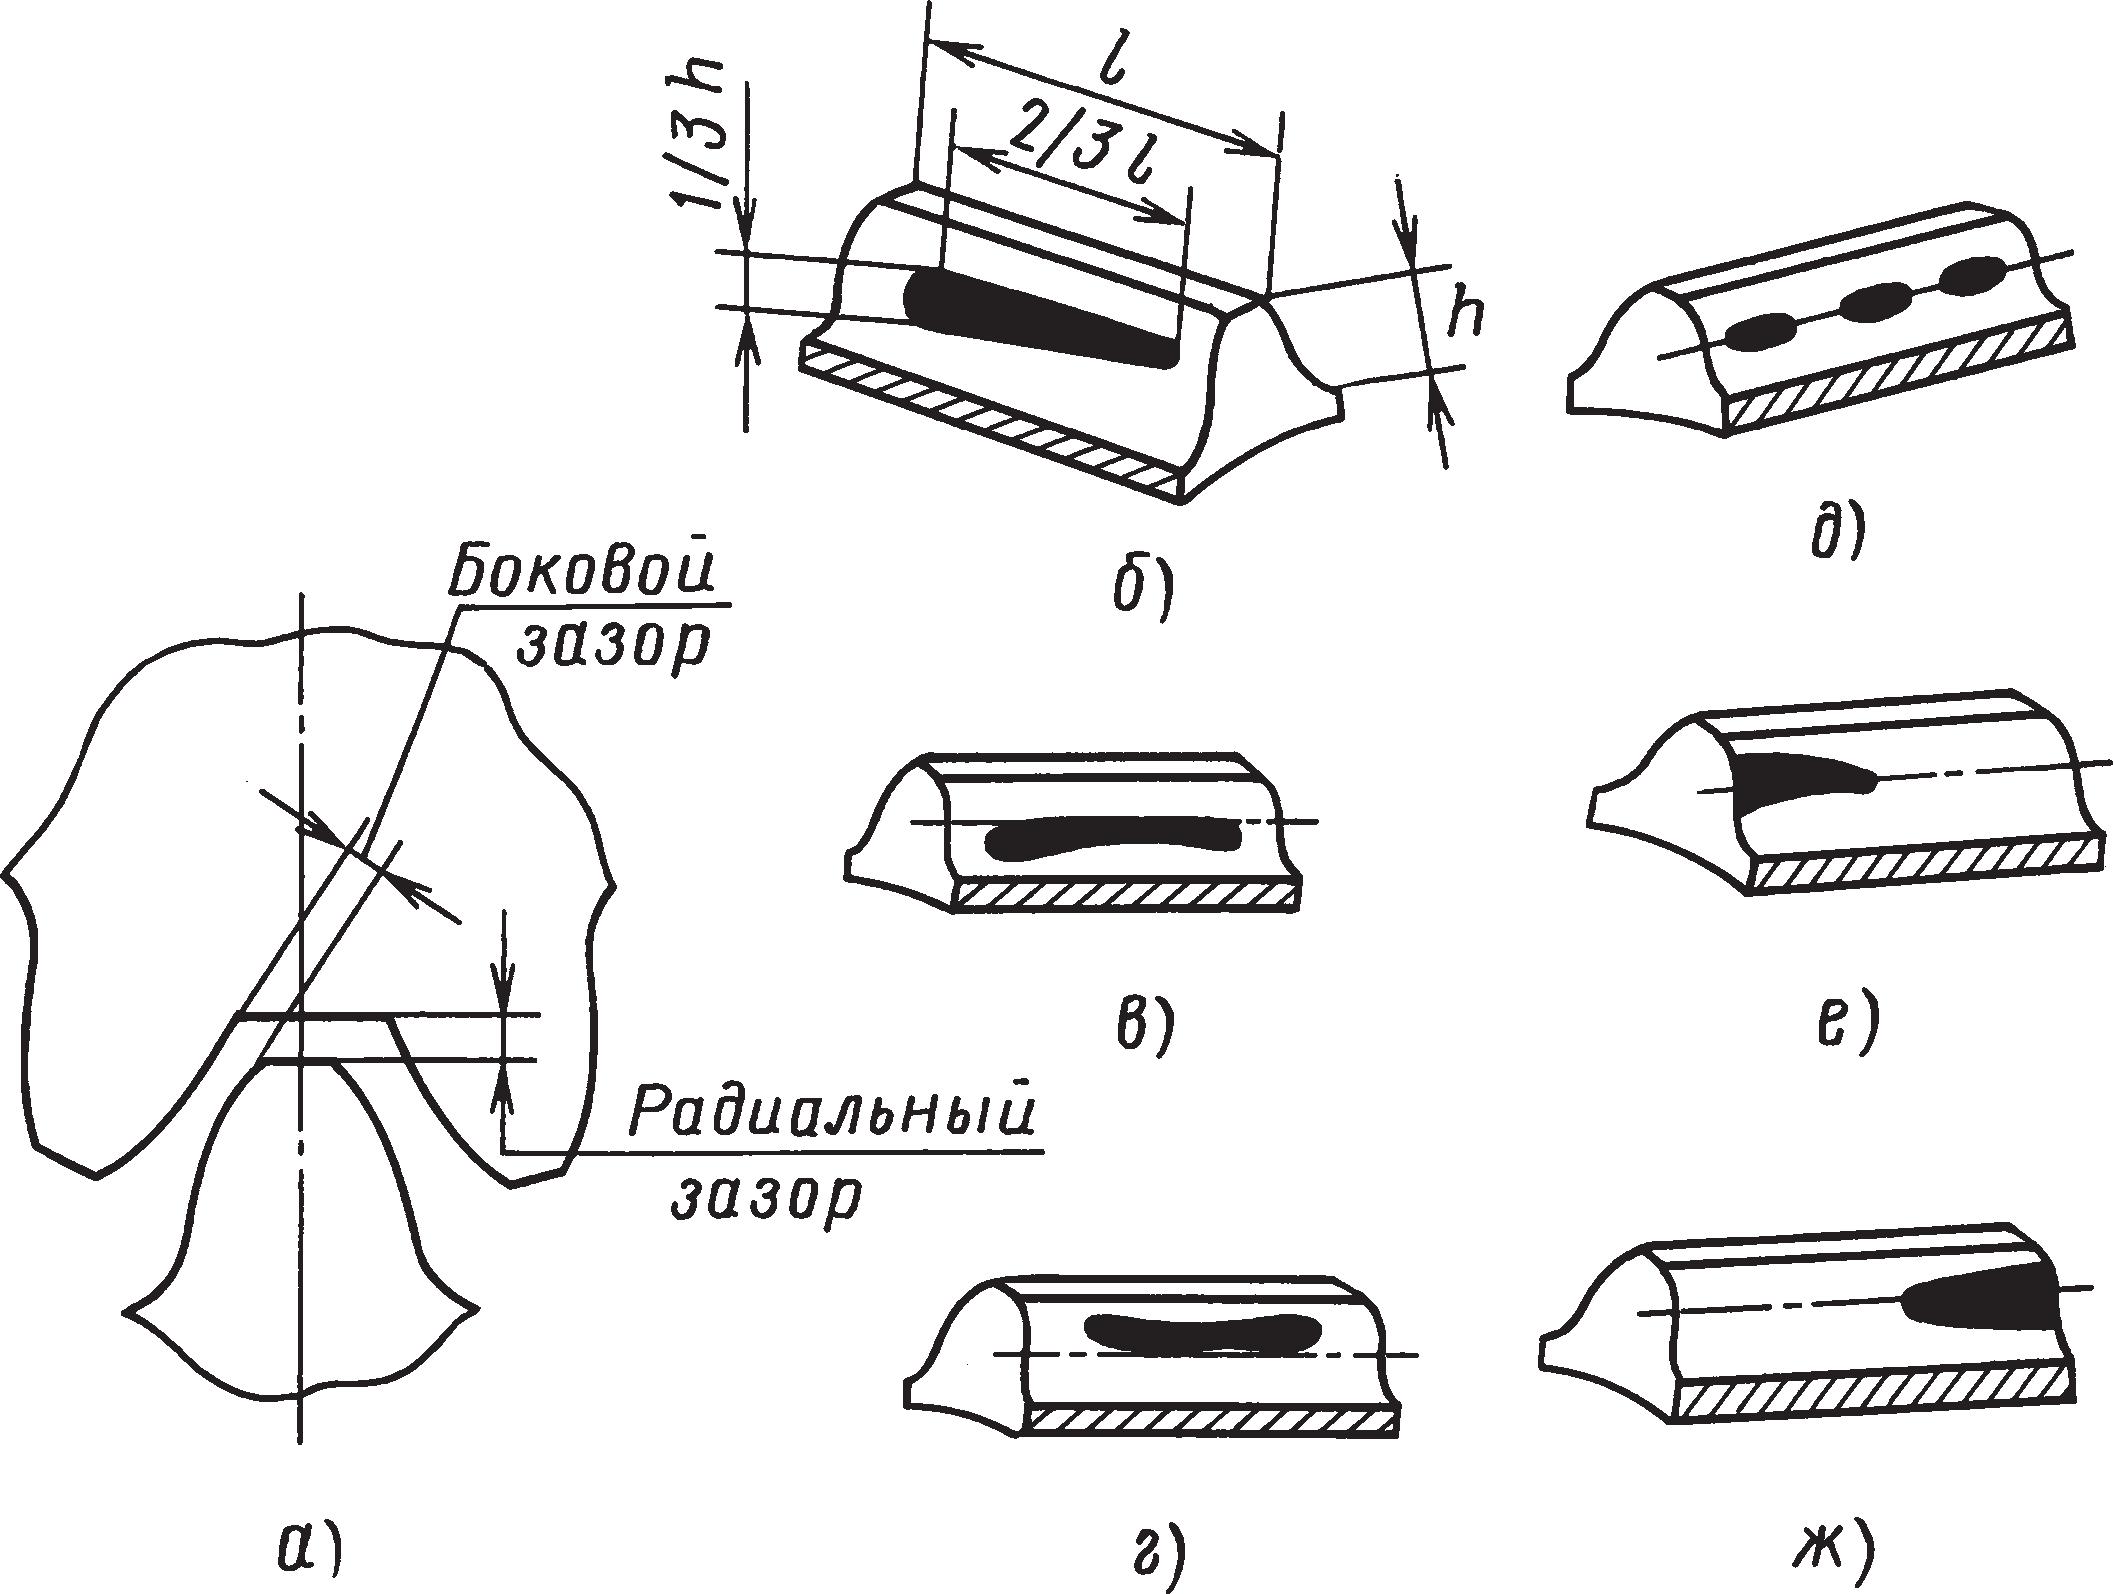 Схемы расположения пятен контакта зубьев при проверке зубчатого цилиндрического зацепления на краску